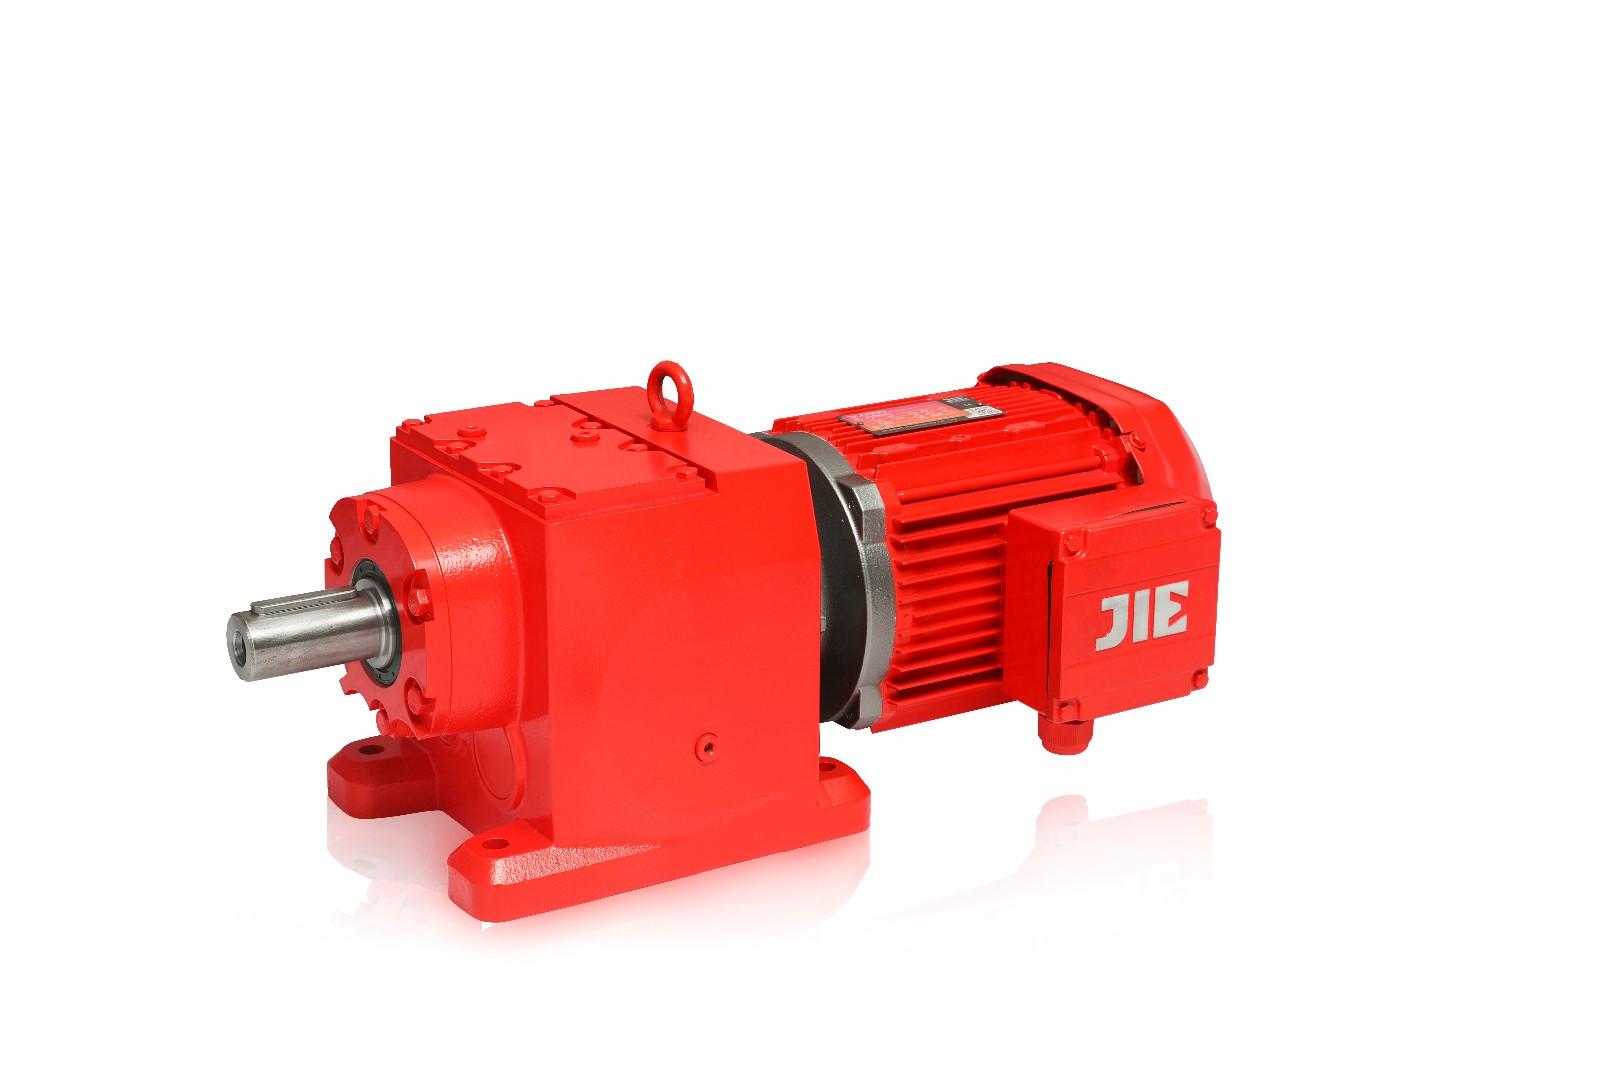 JRT gearmotors